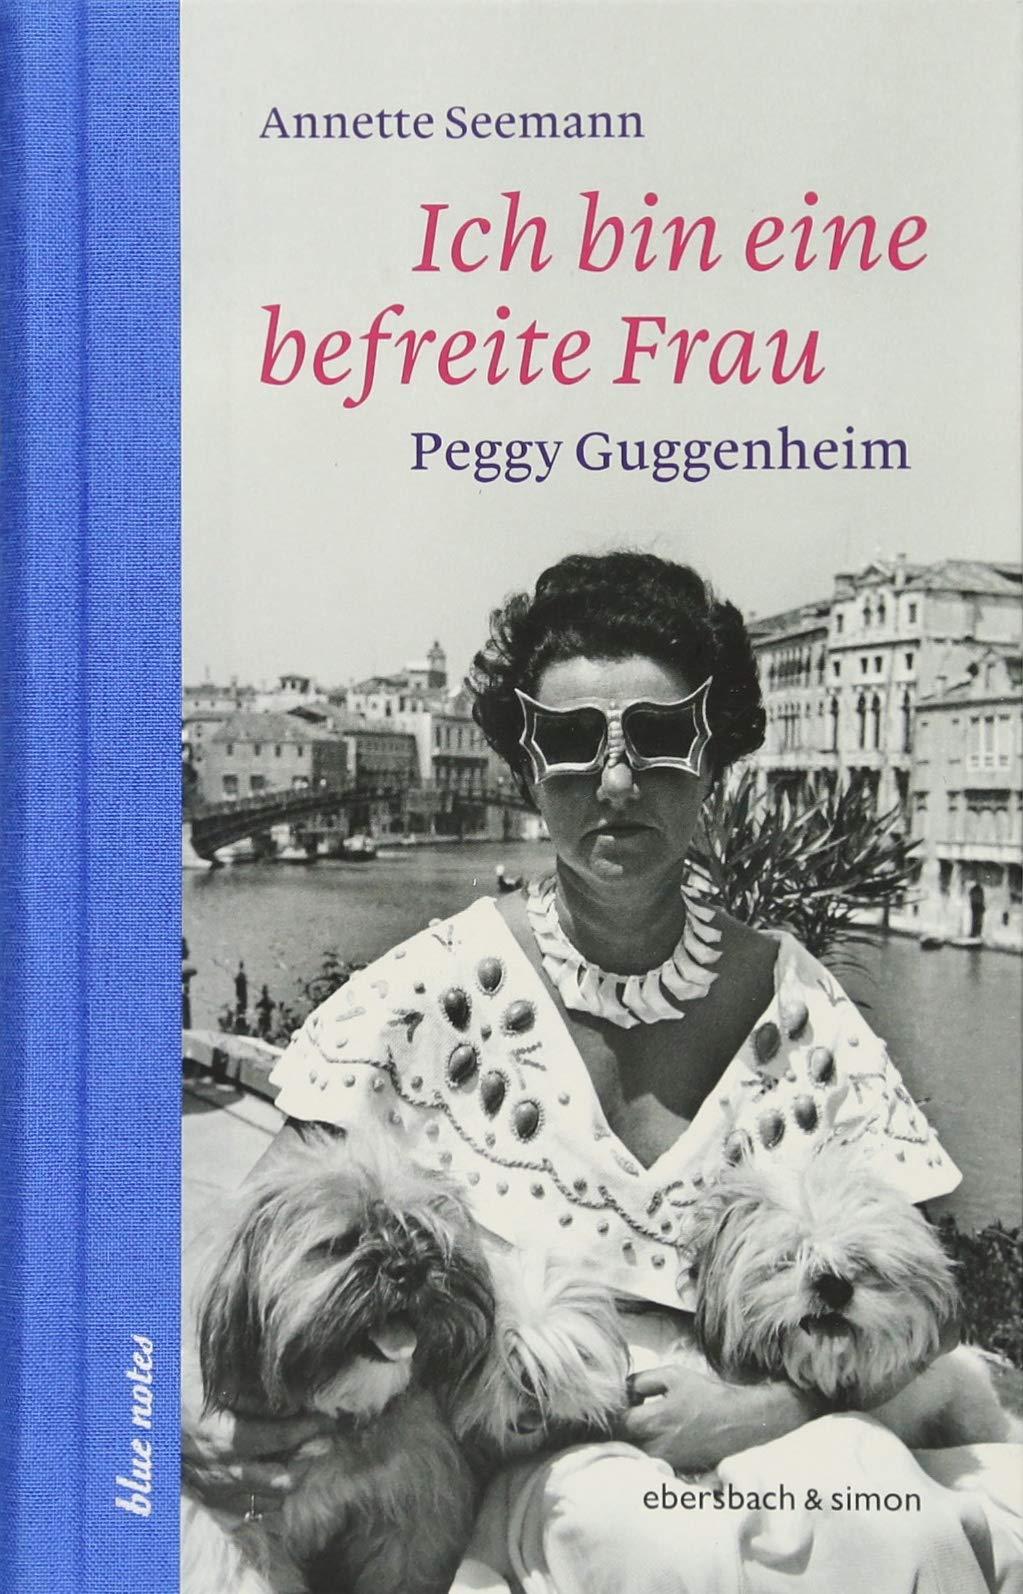 Ich bin eine befreite Frau: Peggy Guggenheim (blue notes)